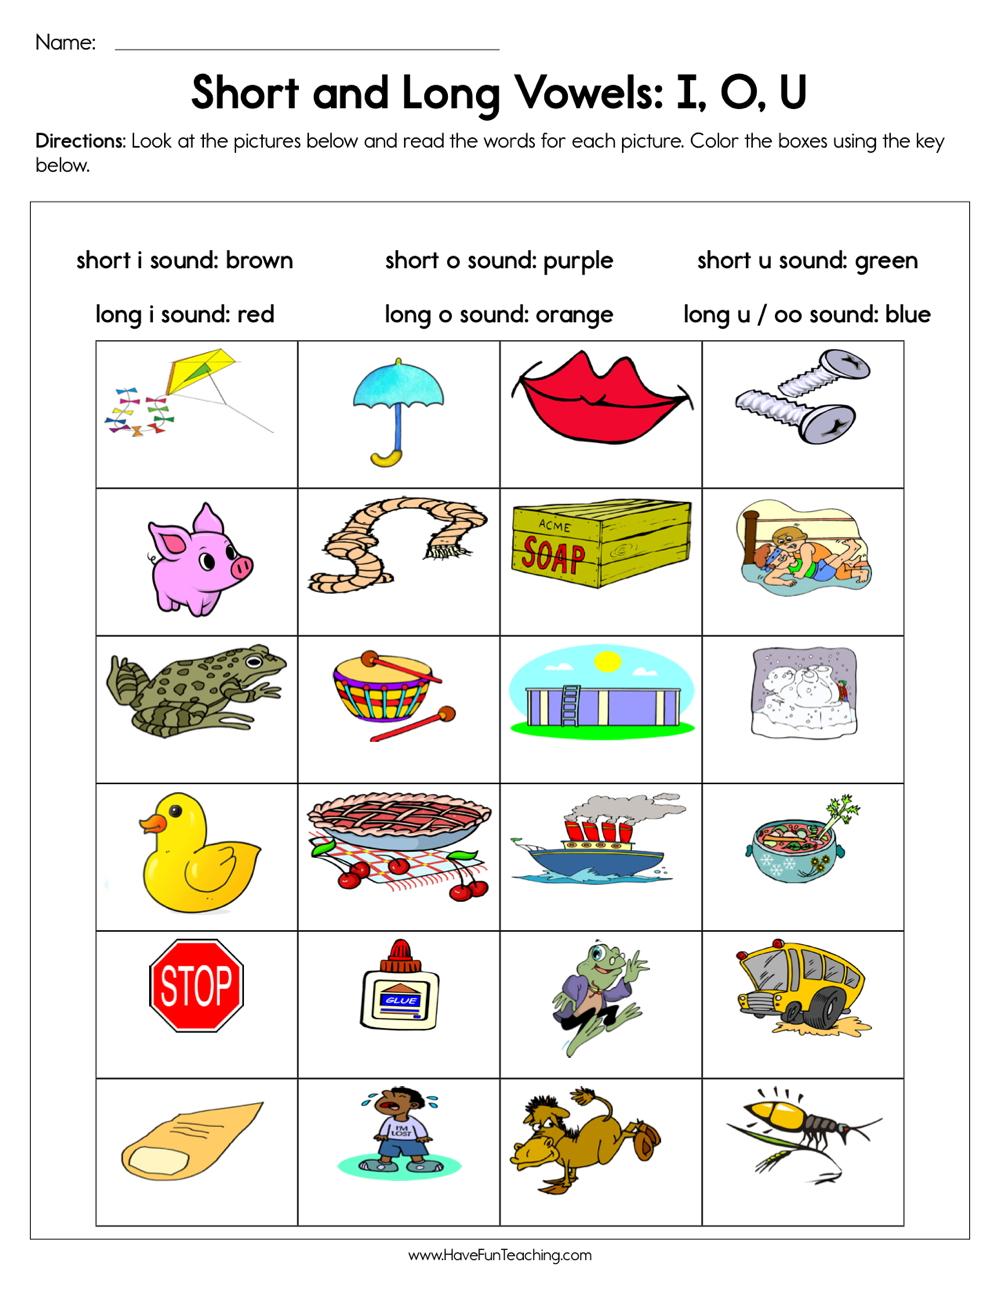 Kinder Garden: Long Vowels Worksheets